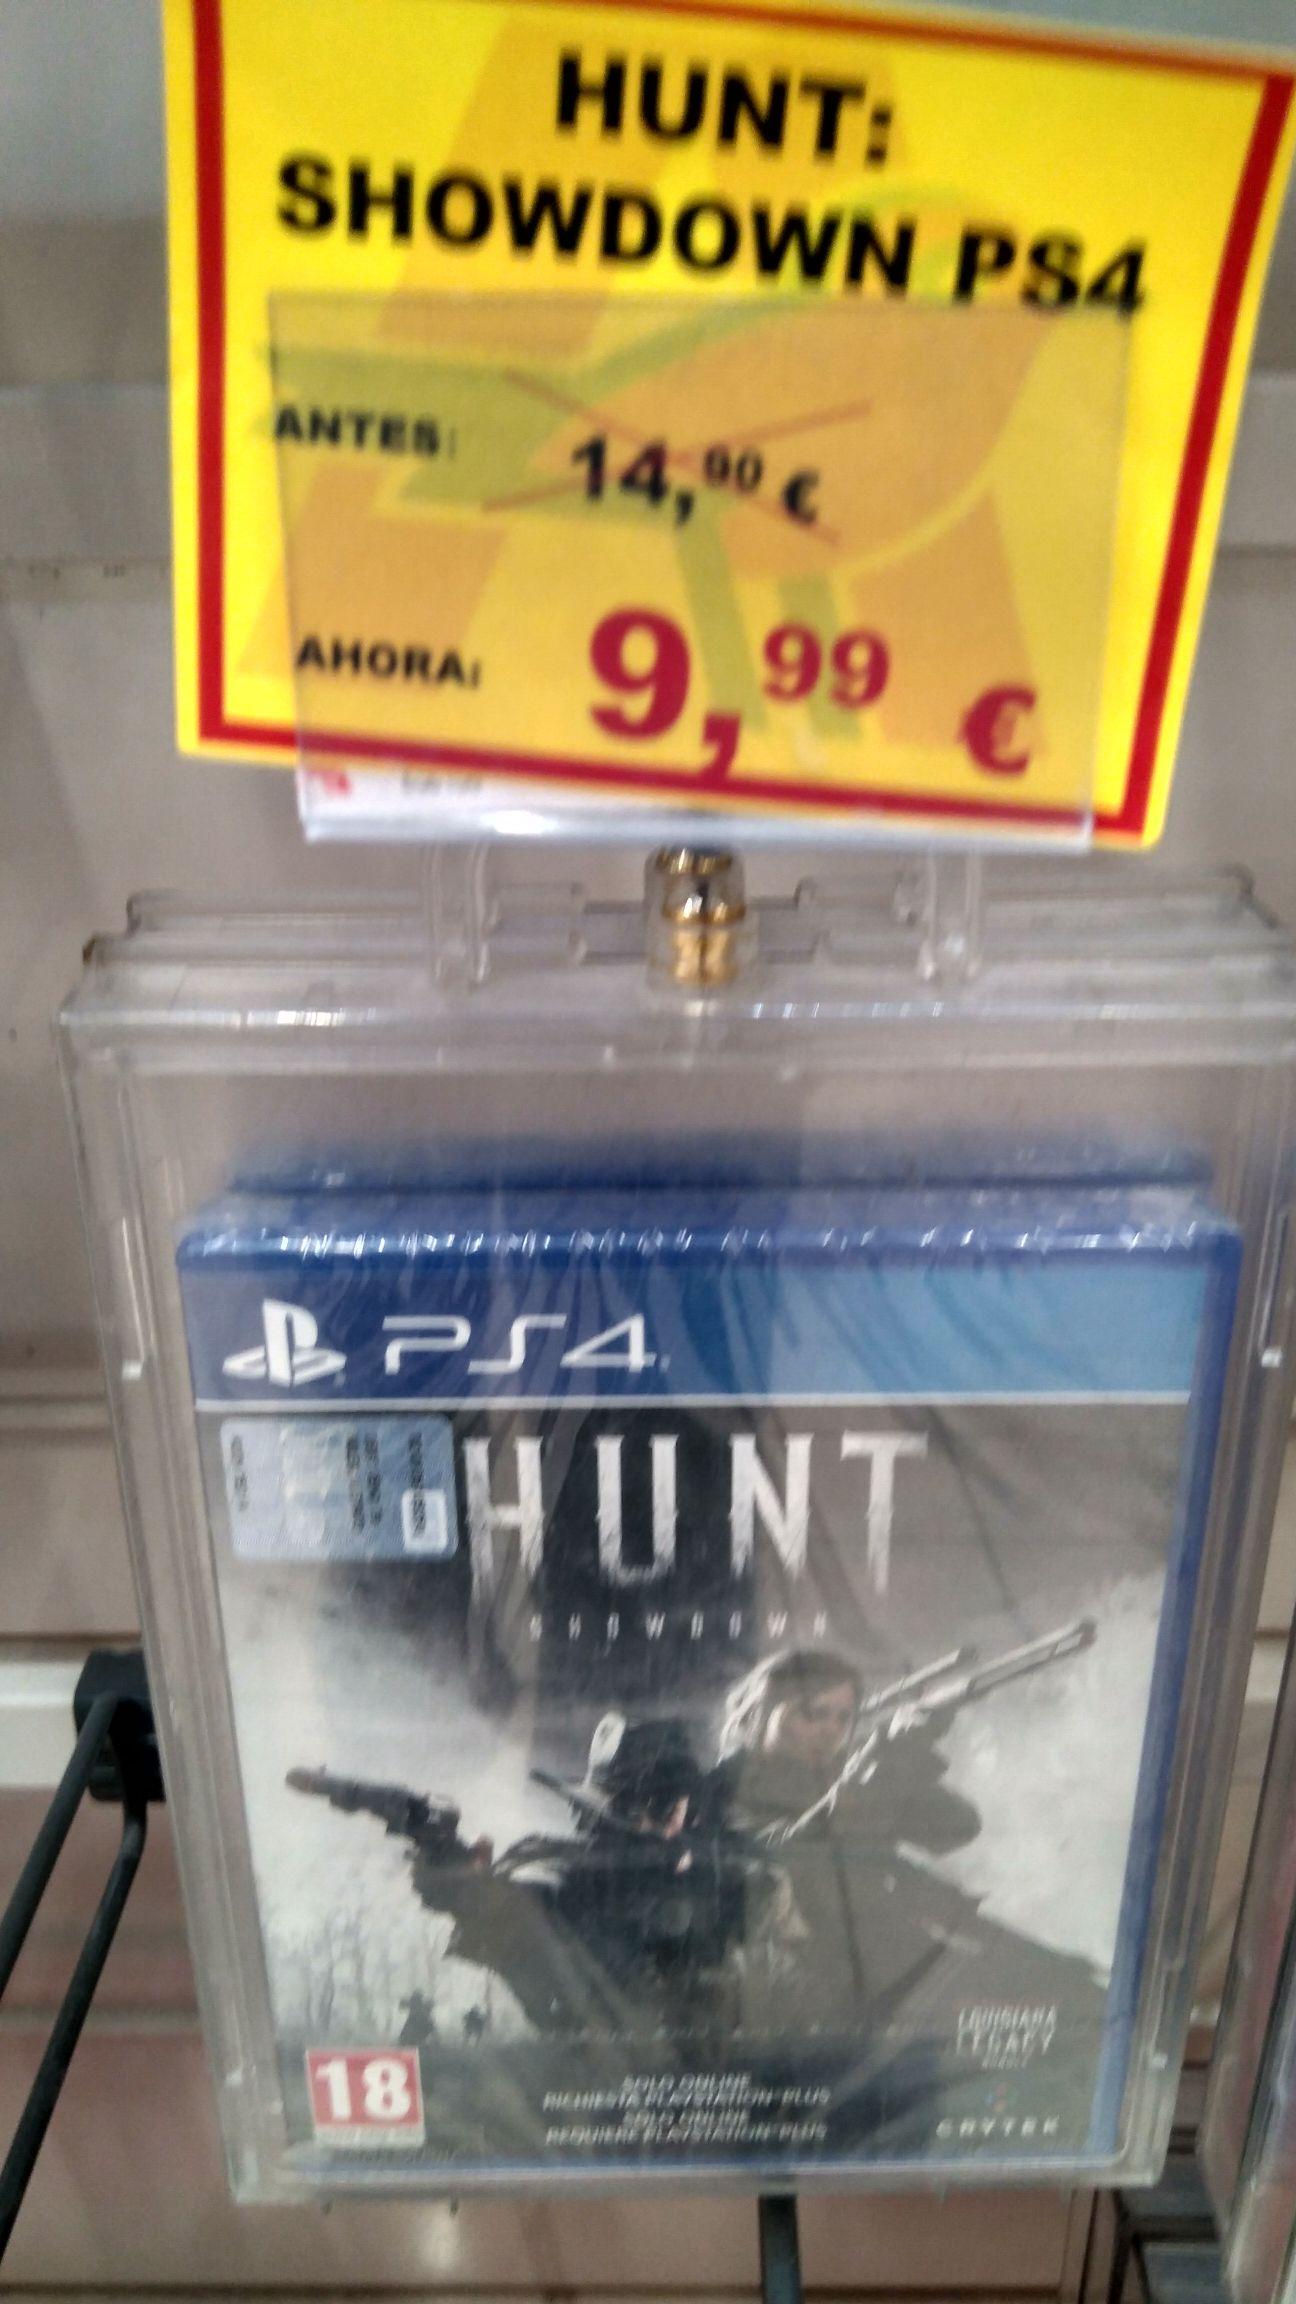 Hunt Showdown PS4 - Alcampo Torrejon de Ardoz (Madrid)